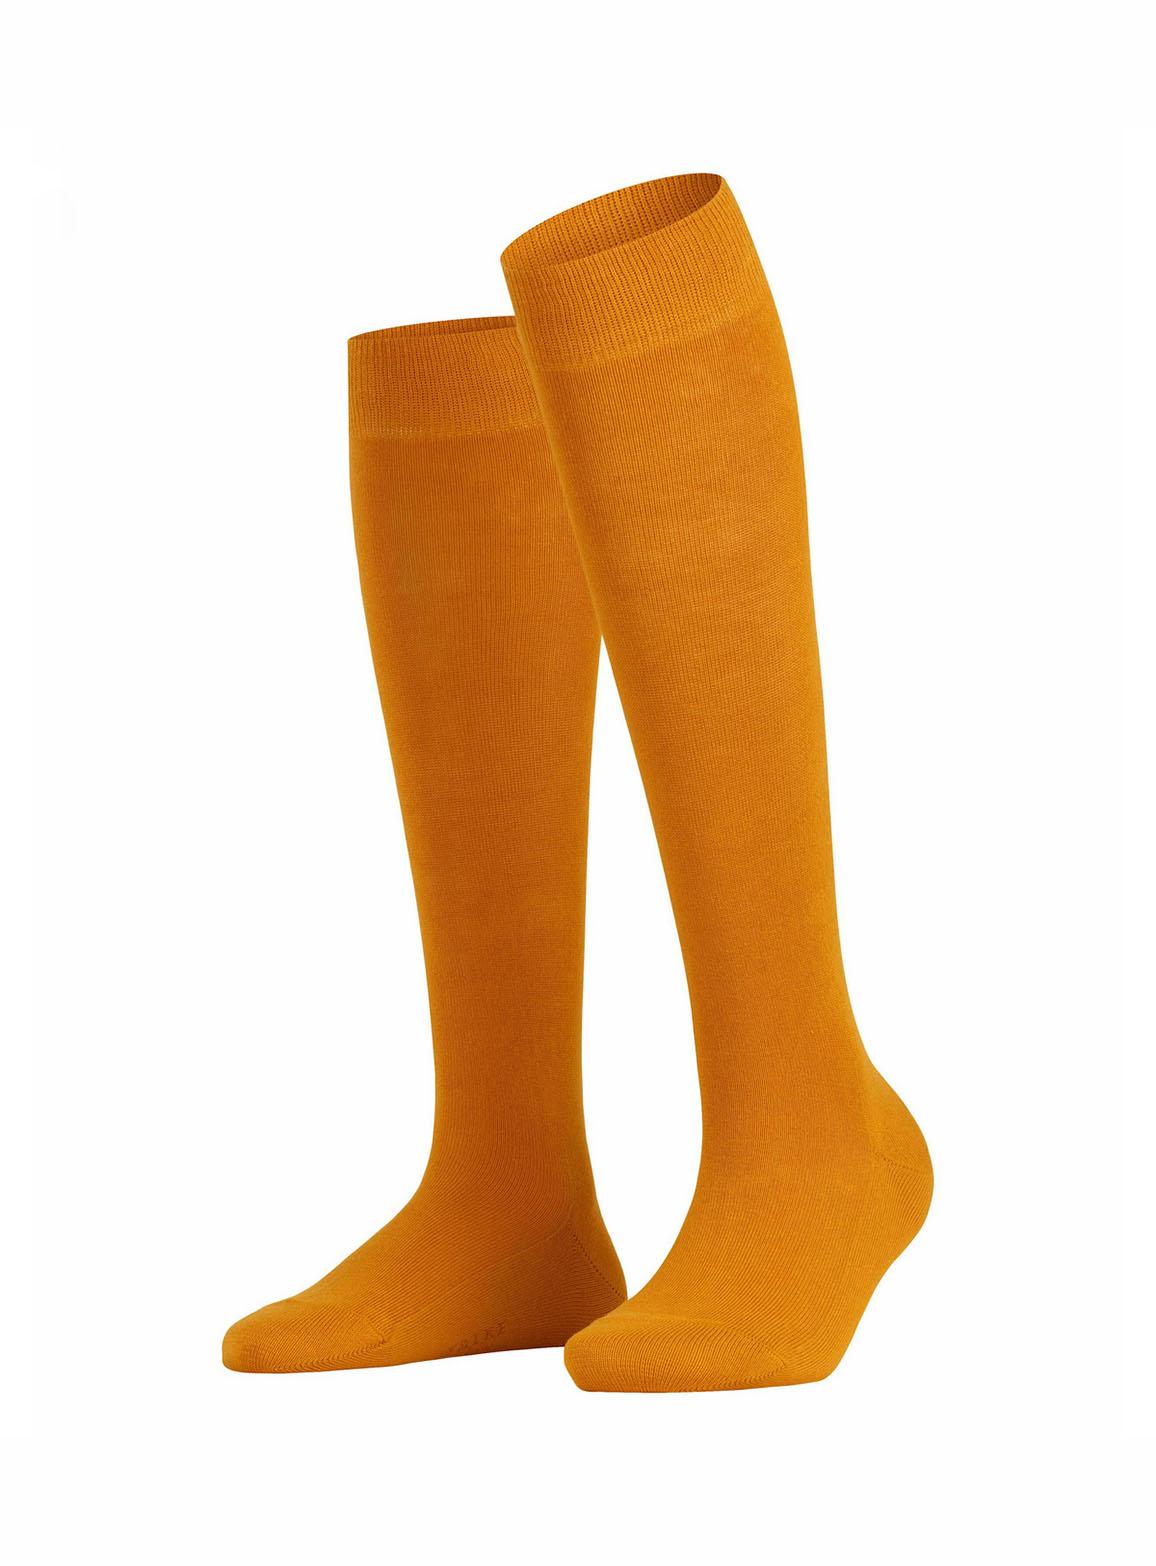 Orange family women knee-high socks